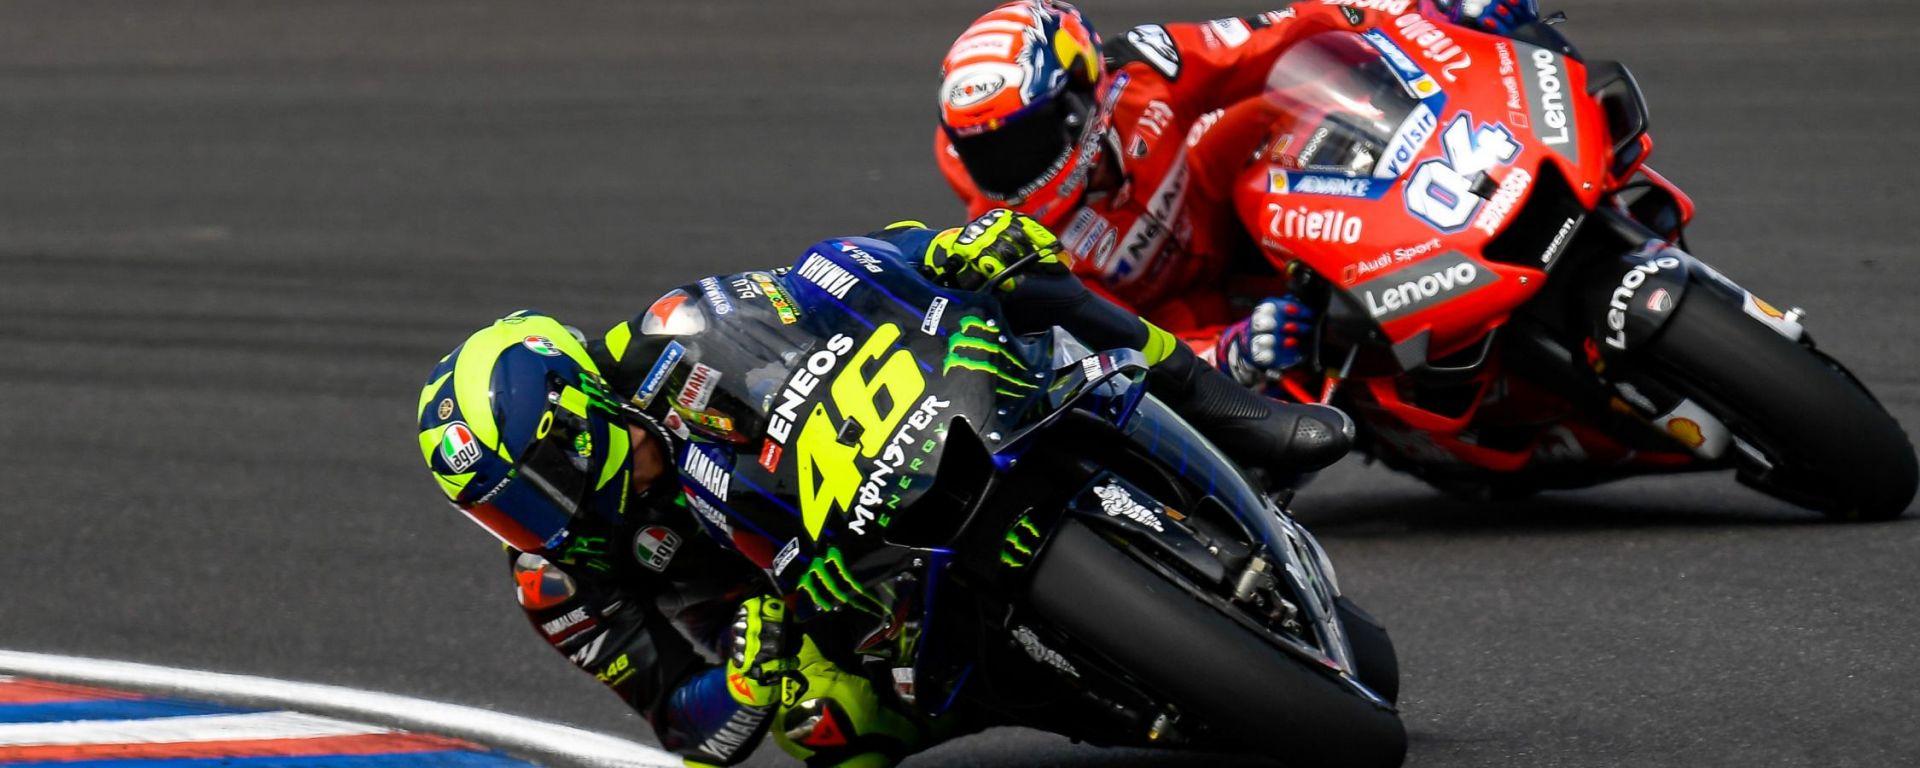 MotoGP Americhe 2019, Austin: circuito, orari, meteo, risultati